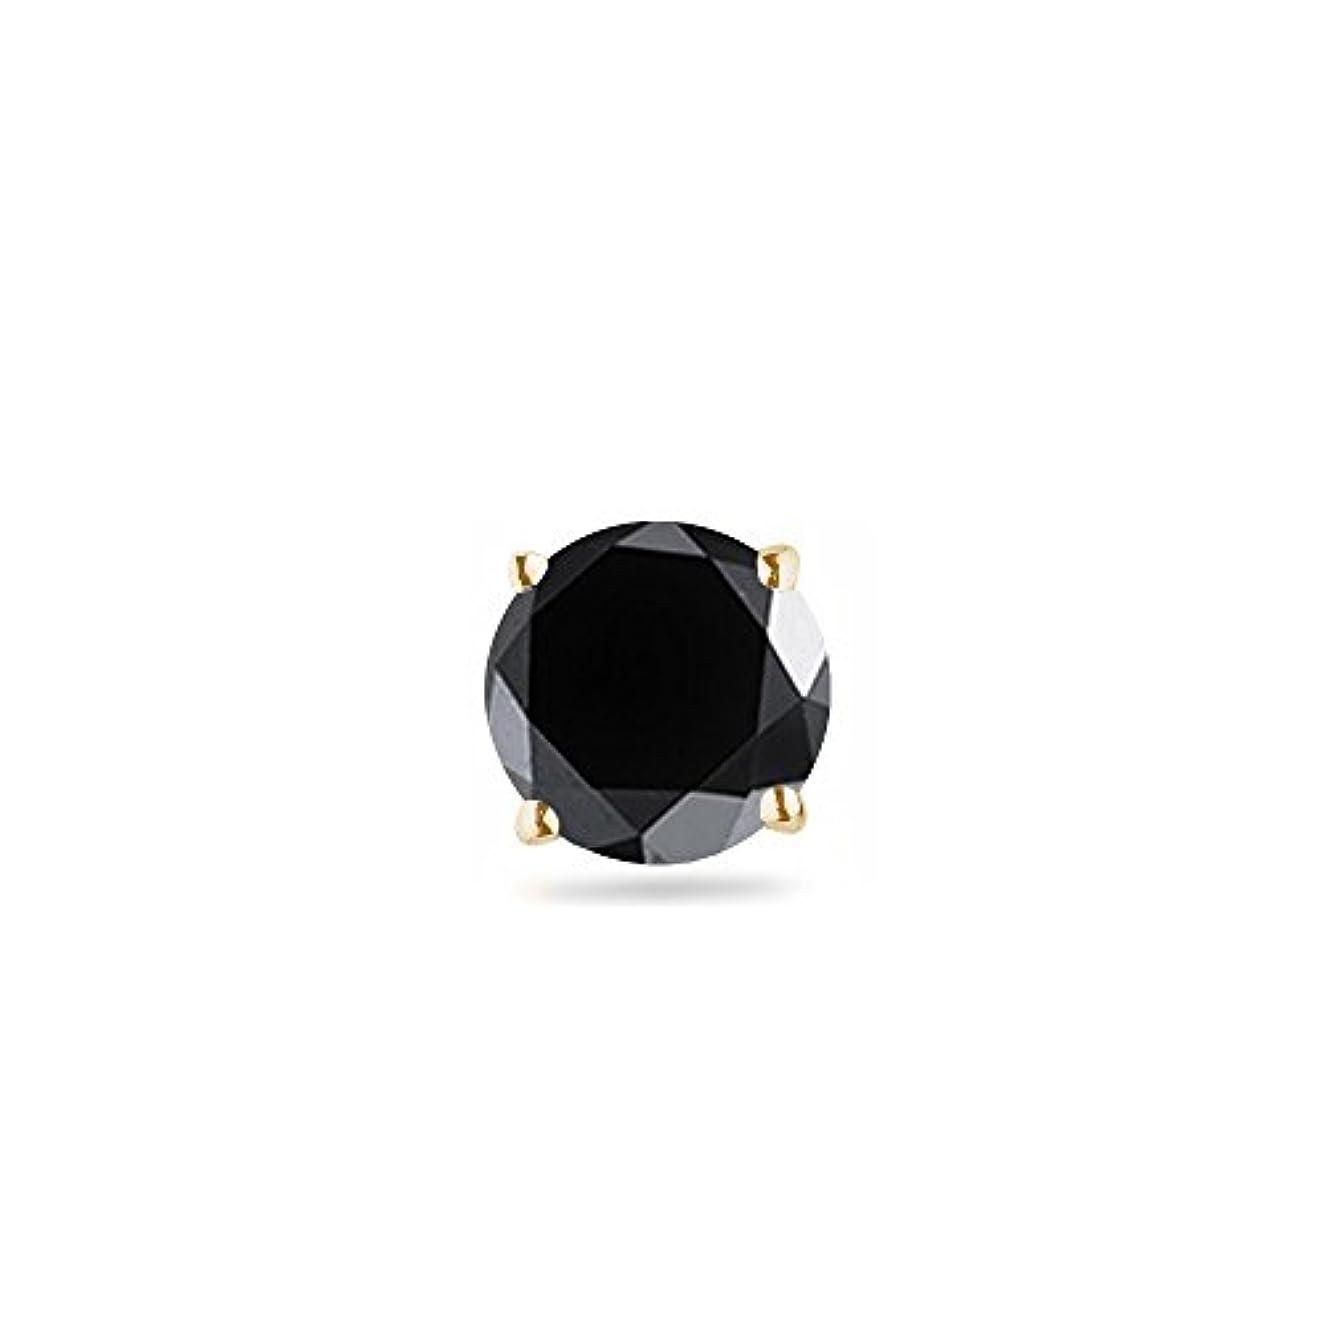 注釈工業用付属品Holiday Deal – 1 / 4 ( 0.21 – 0.27 ) CTSの3.00 – 3.50 MM AAAラウンドブラックダイヤモンドメンズシングルスタッドイヤリングで14 Ky gold-screw Backs